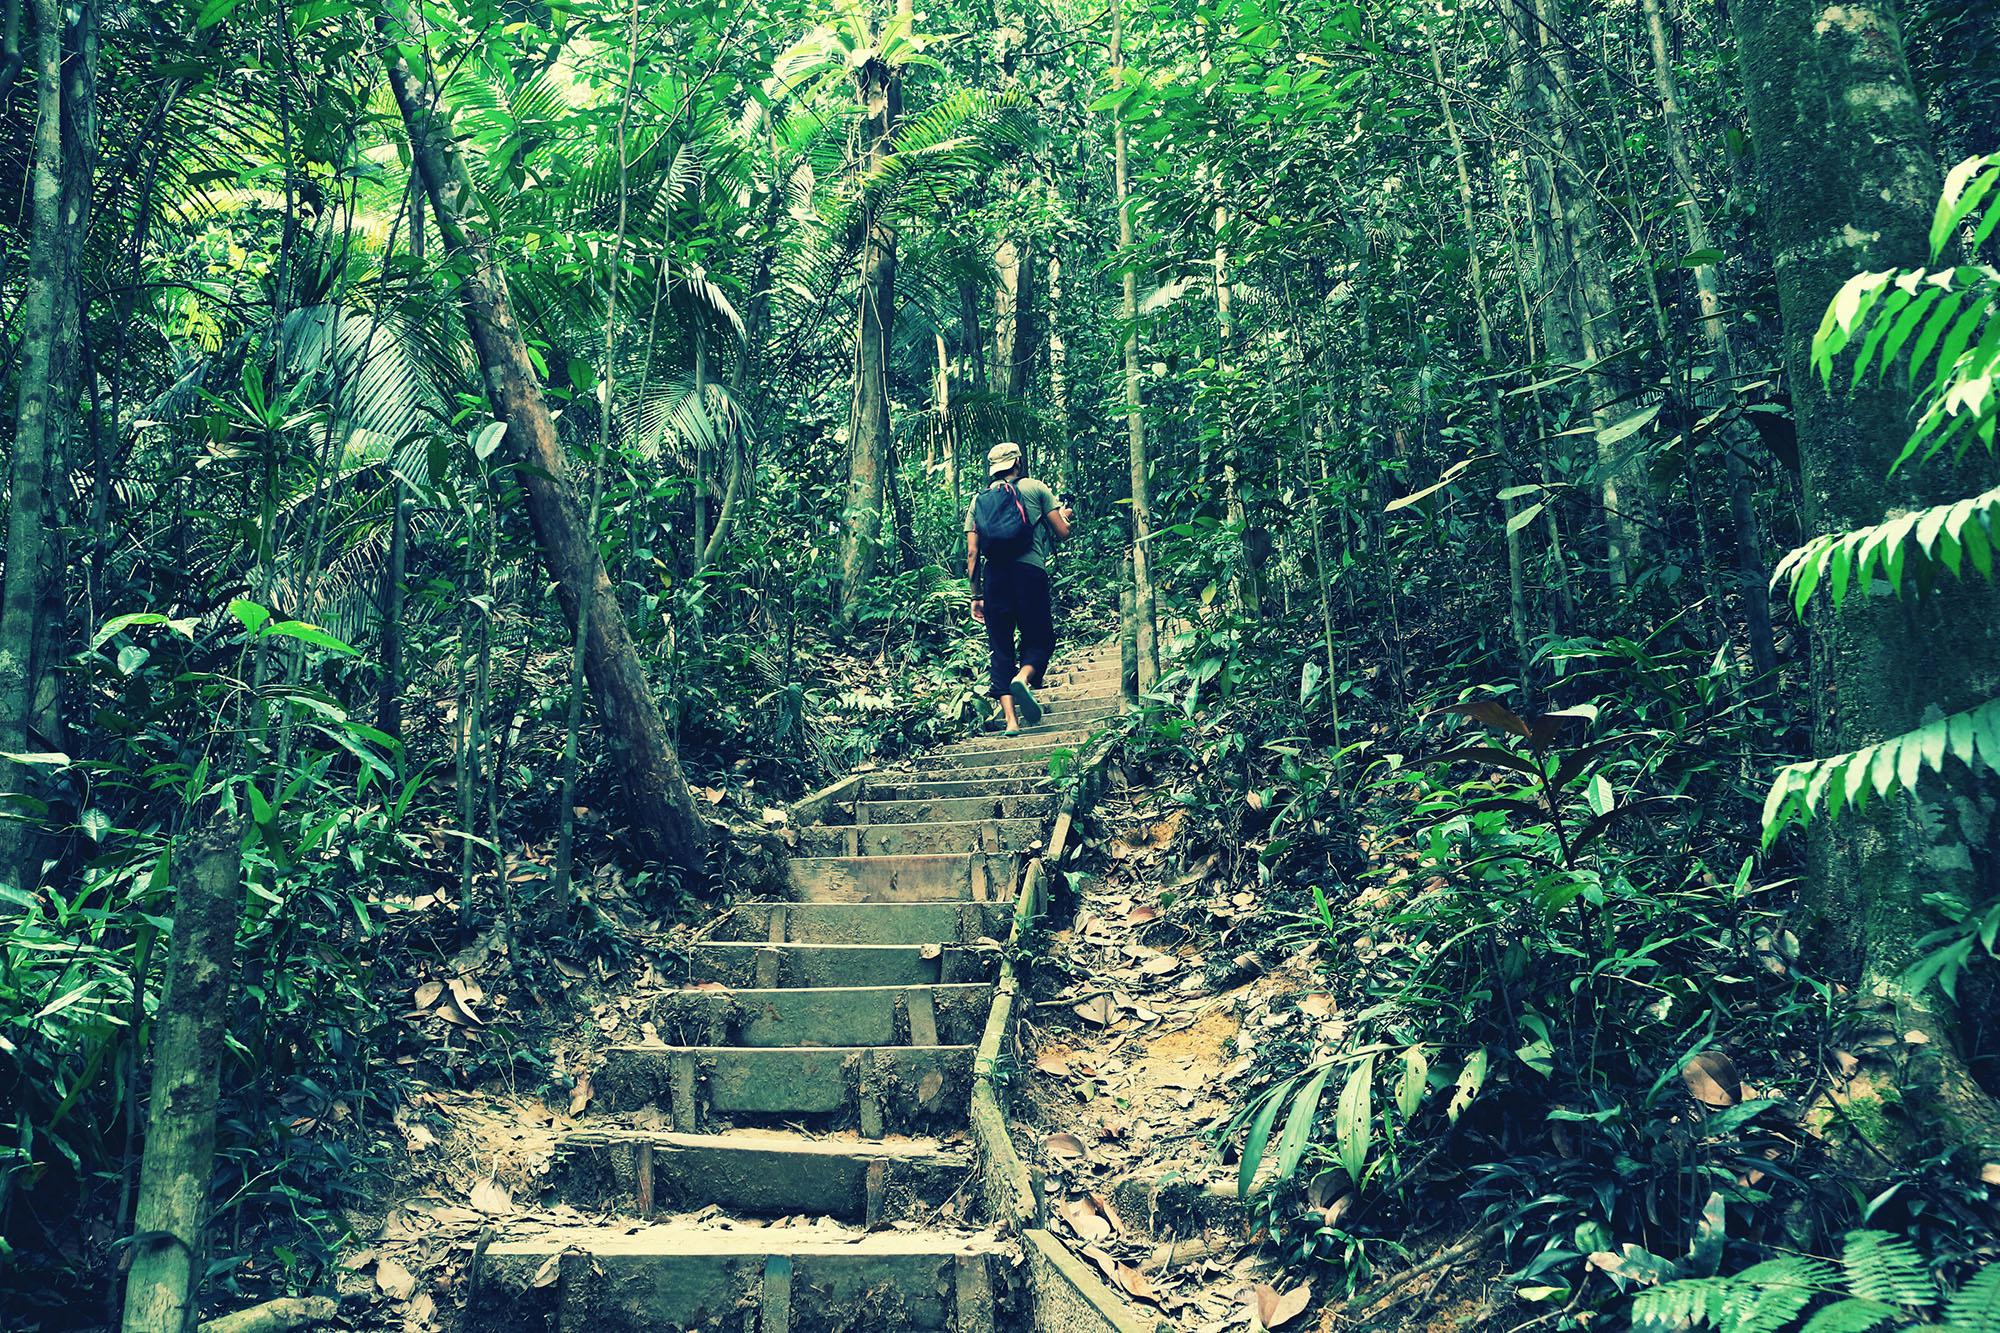 bukit gasing hiking